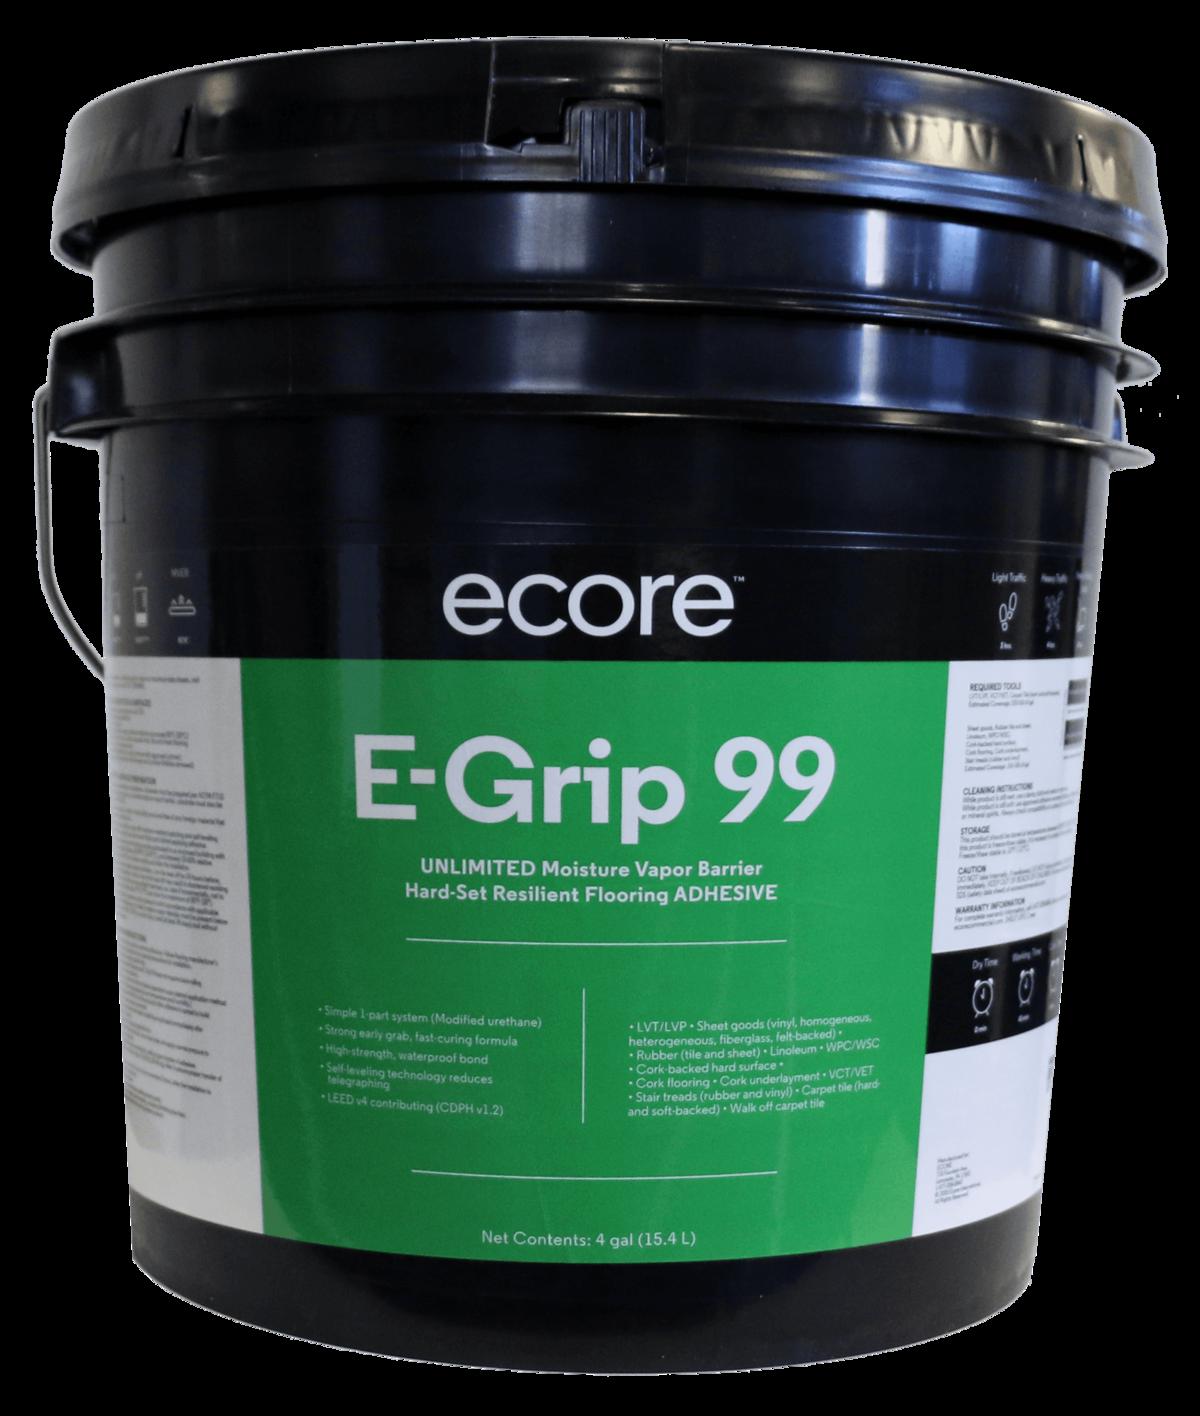 E-Grip 99